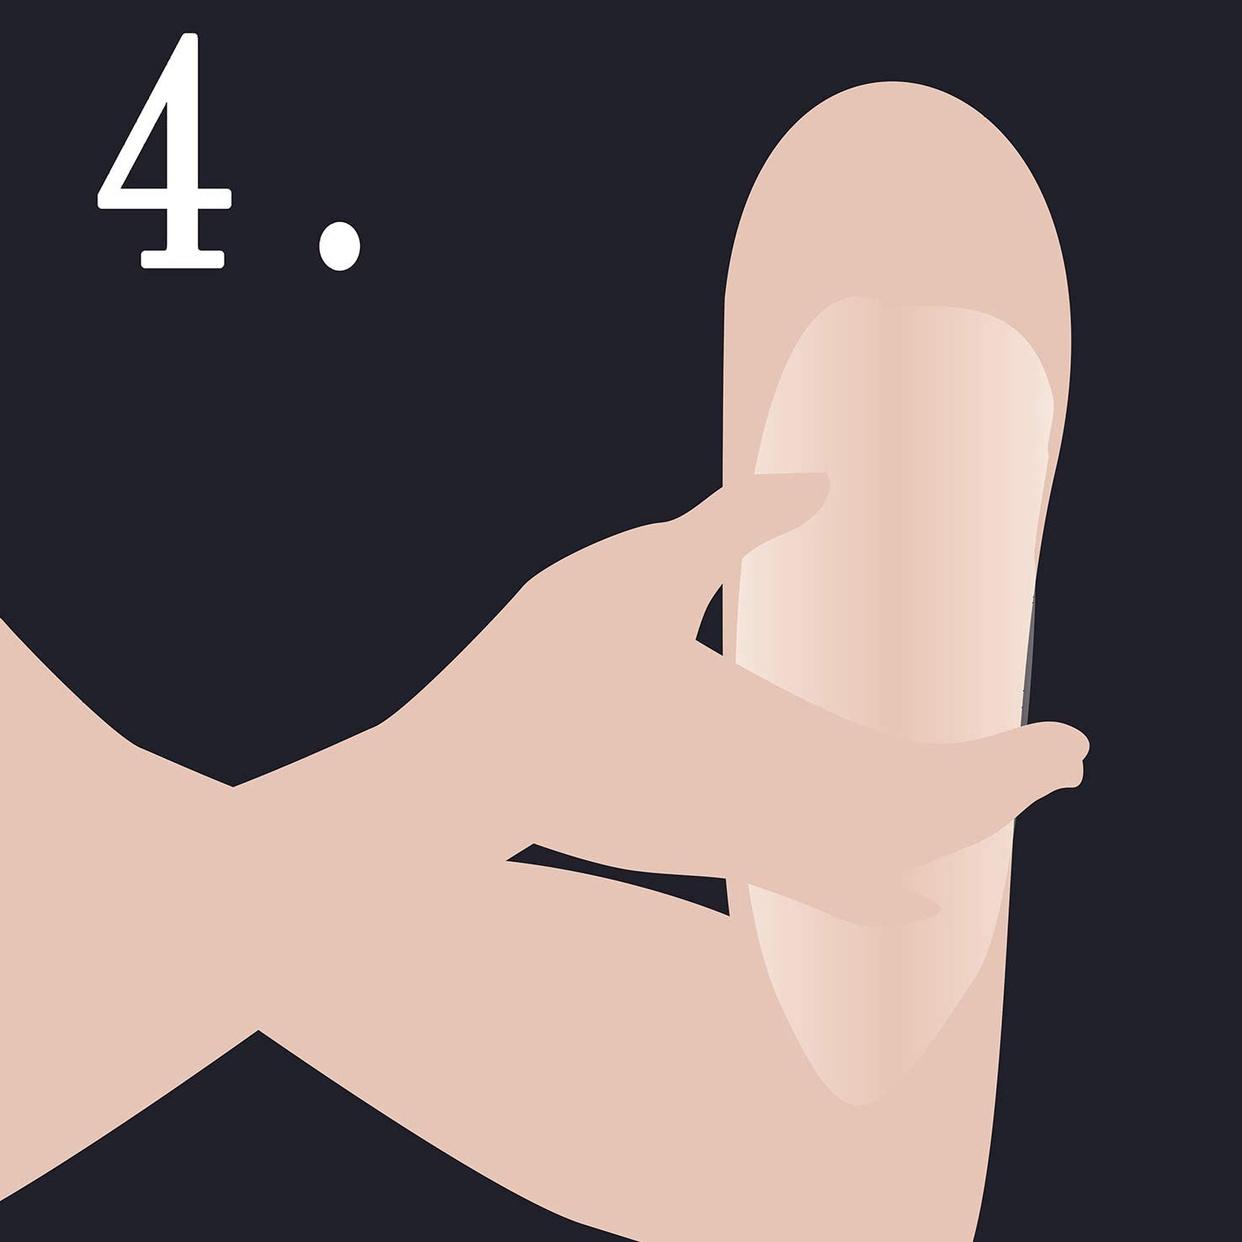 ペリカン石鹸(PELICAN SOAP) 二の腕ザラザラを洗う重曹石けんの商品画像6